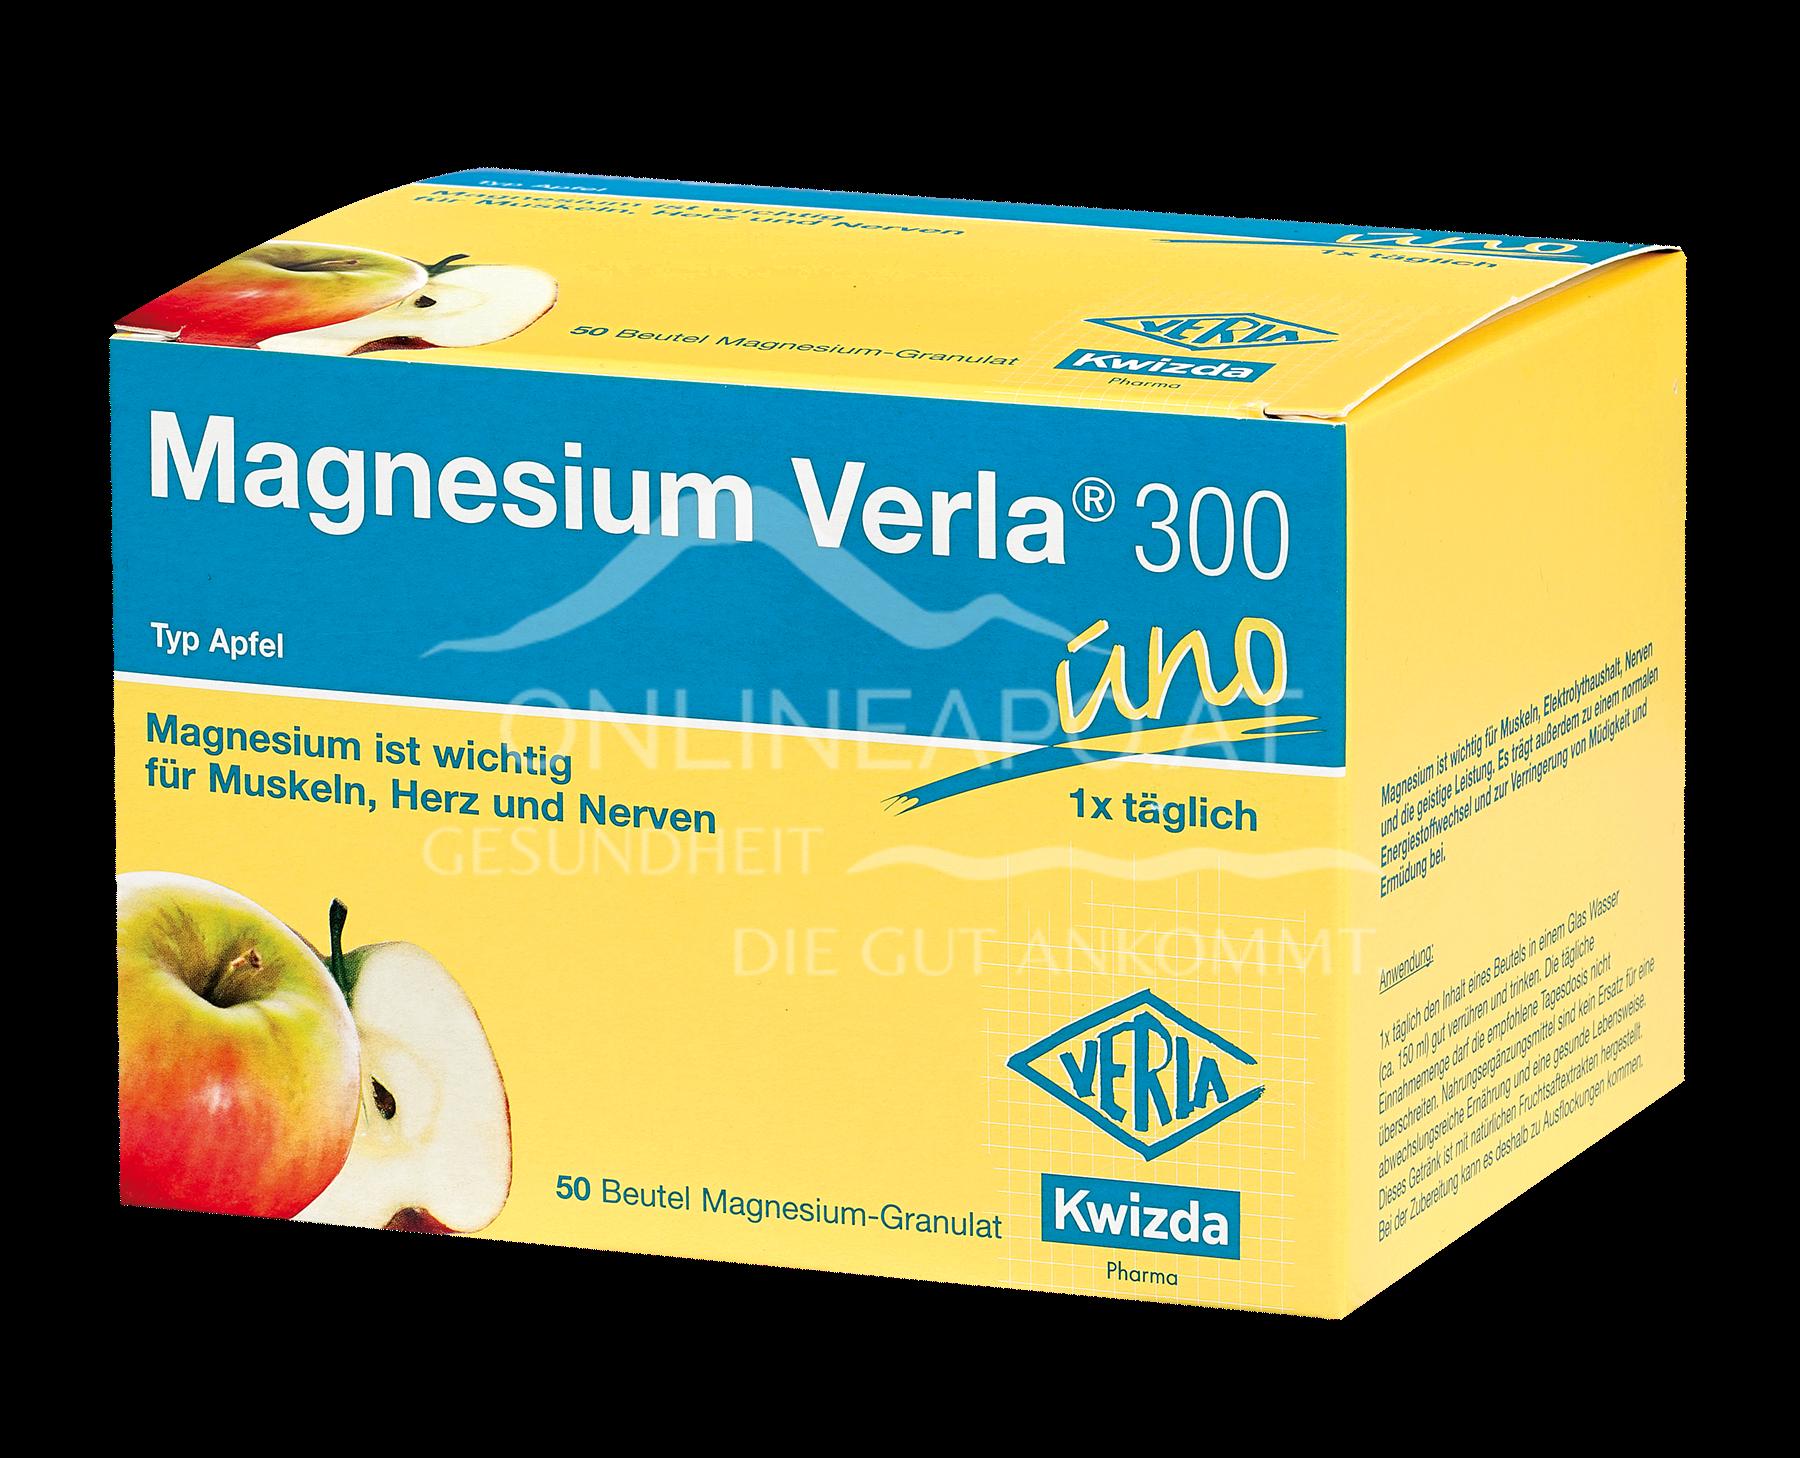 MAGNESIUM VERLA® 300 UNO Granulat Apfel